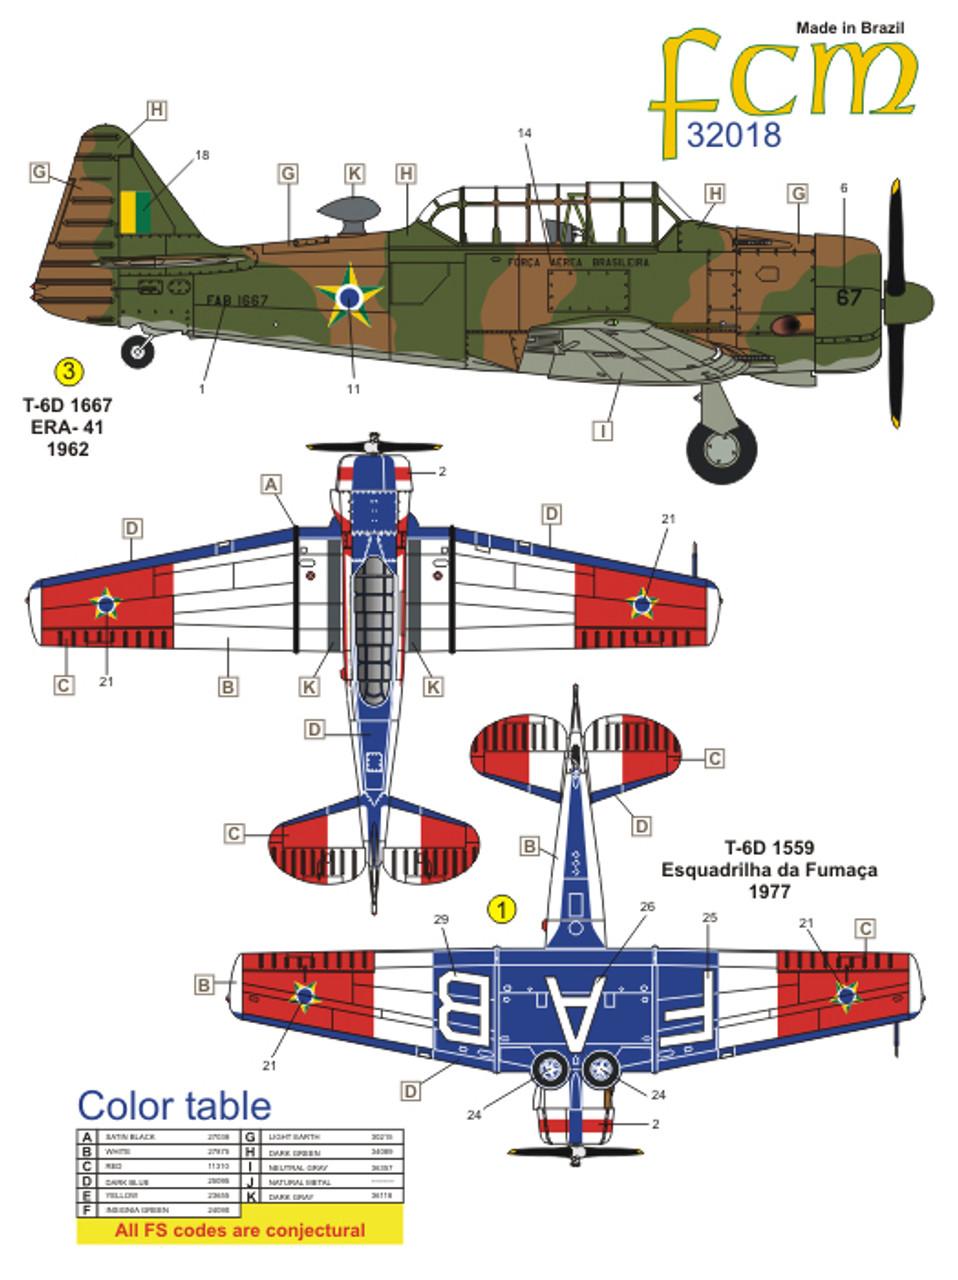 FCM N.A. T-6 Texan - FAB Decals 1:32 Scale (FCD032018)